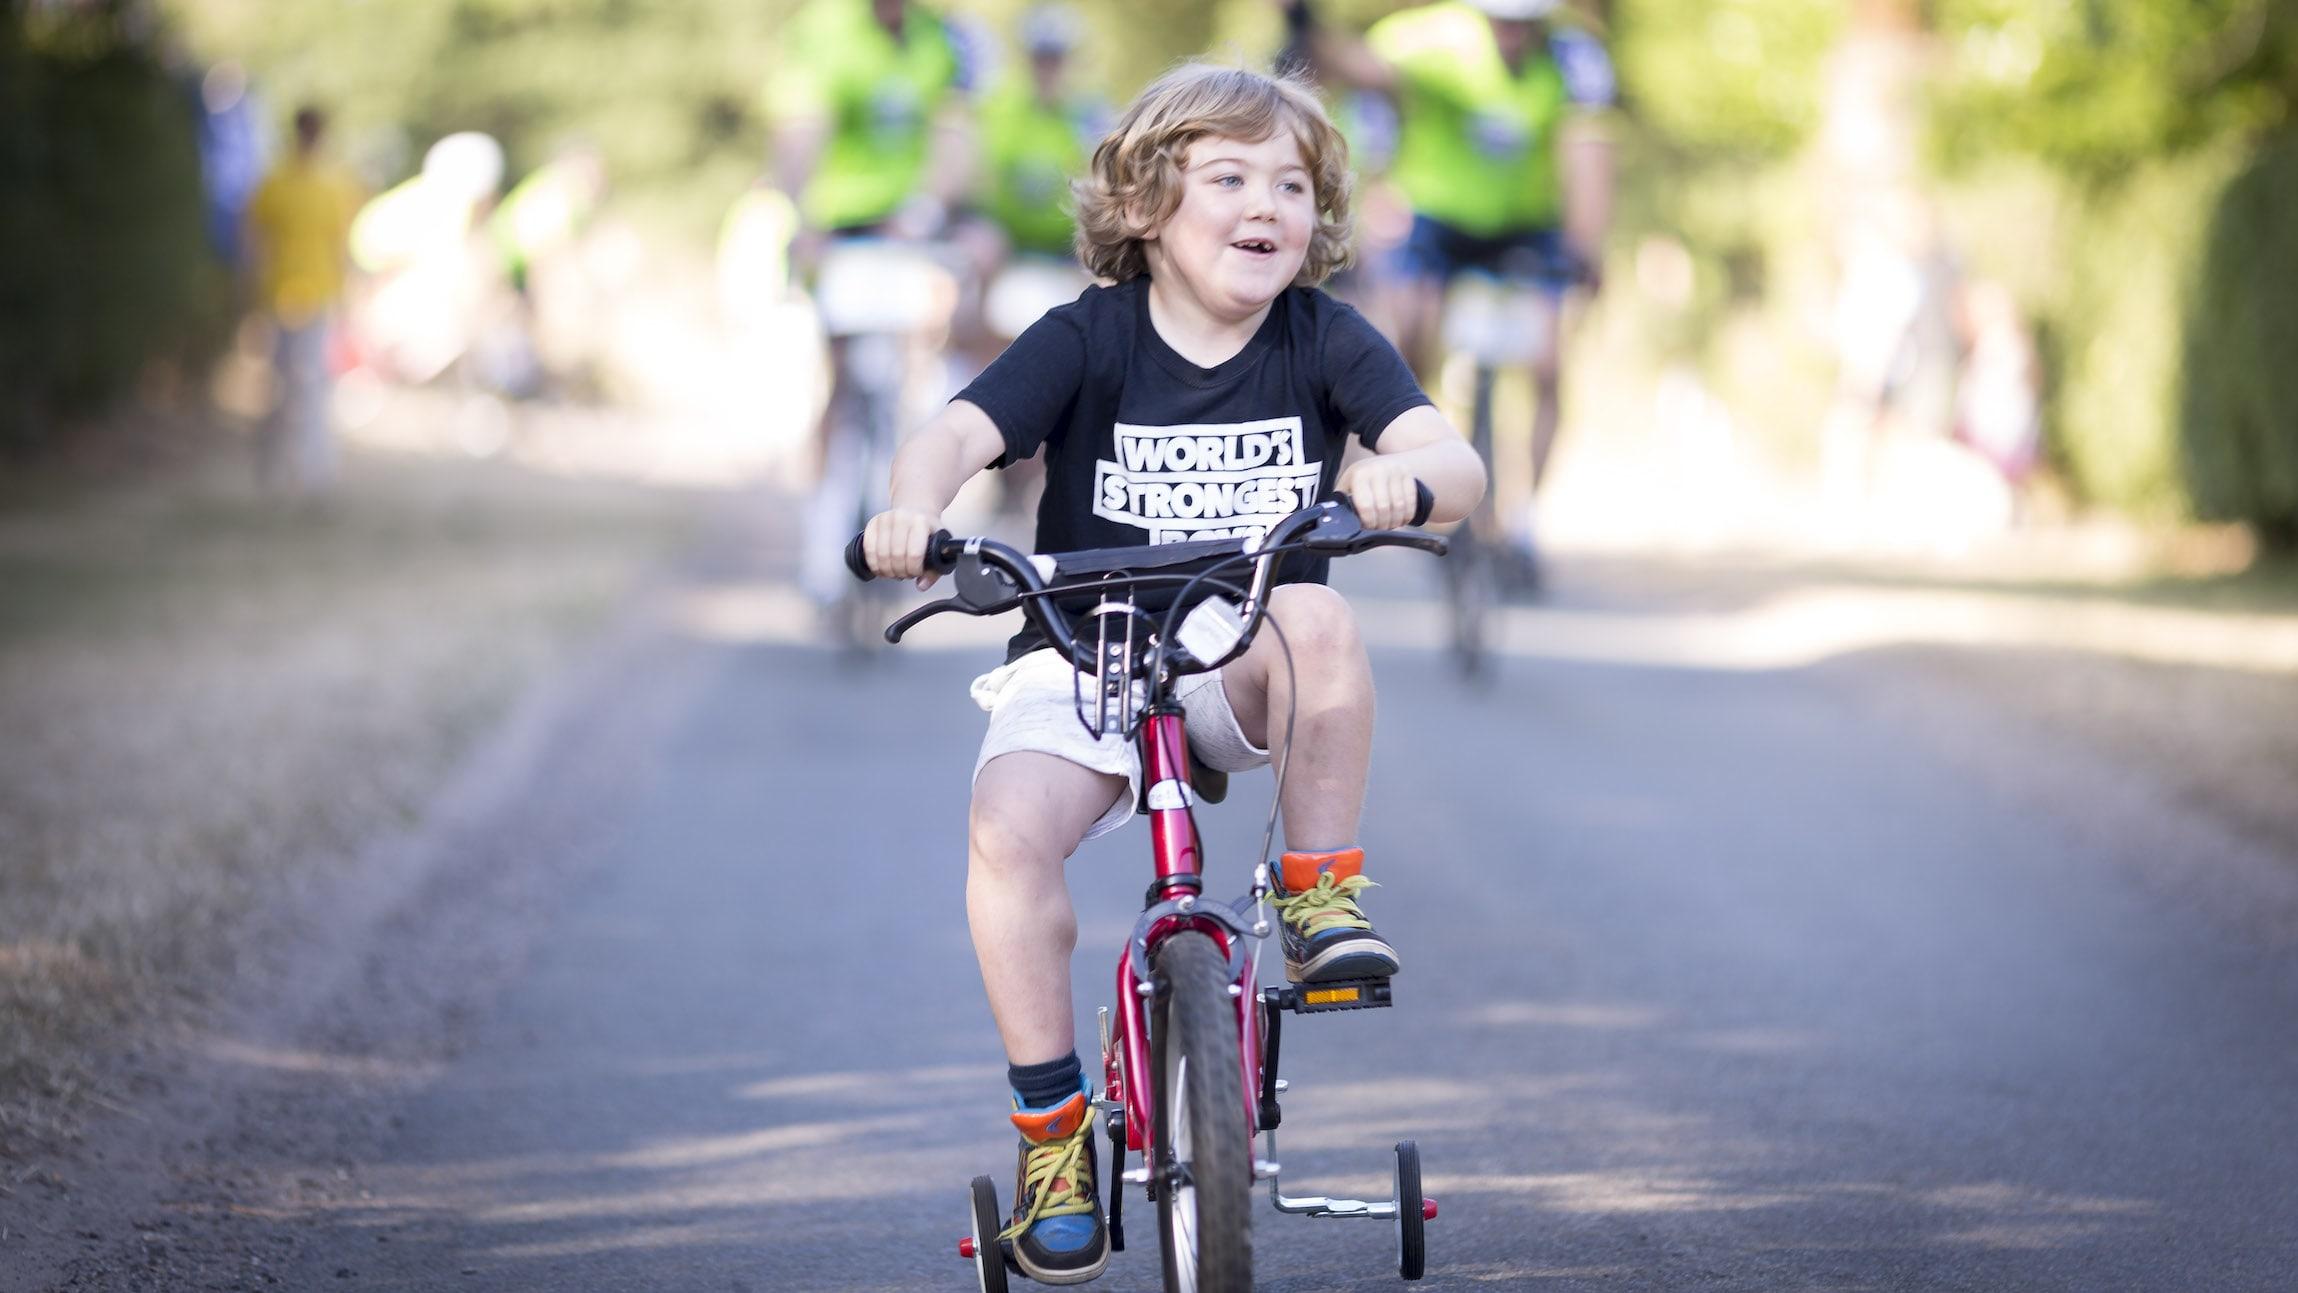 Felix from Team Felix cycling